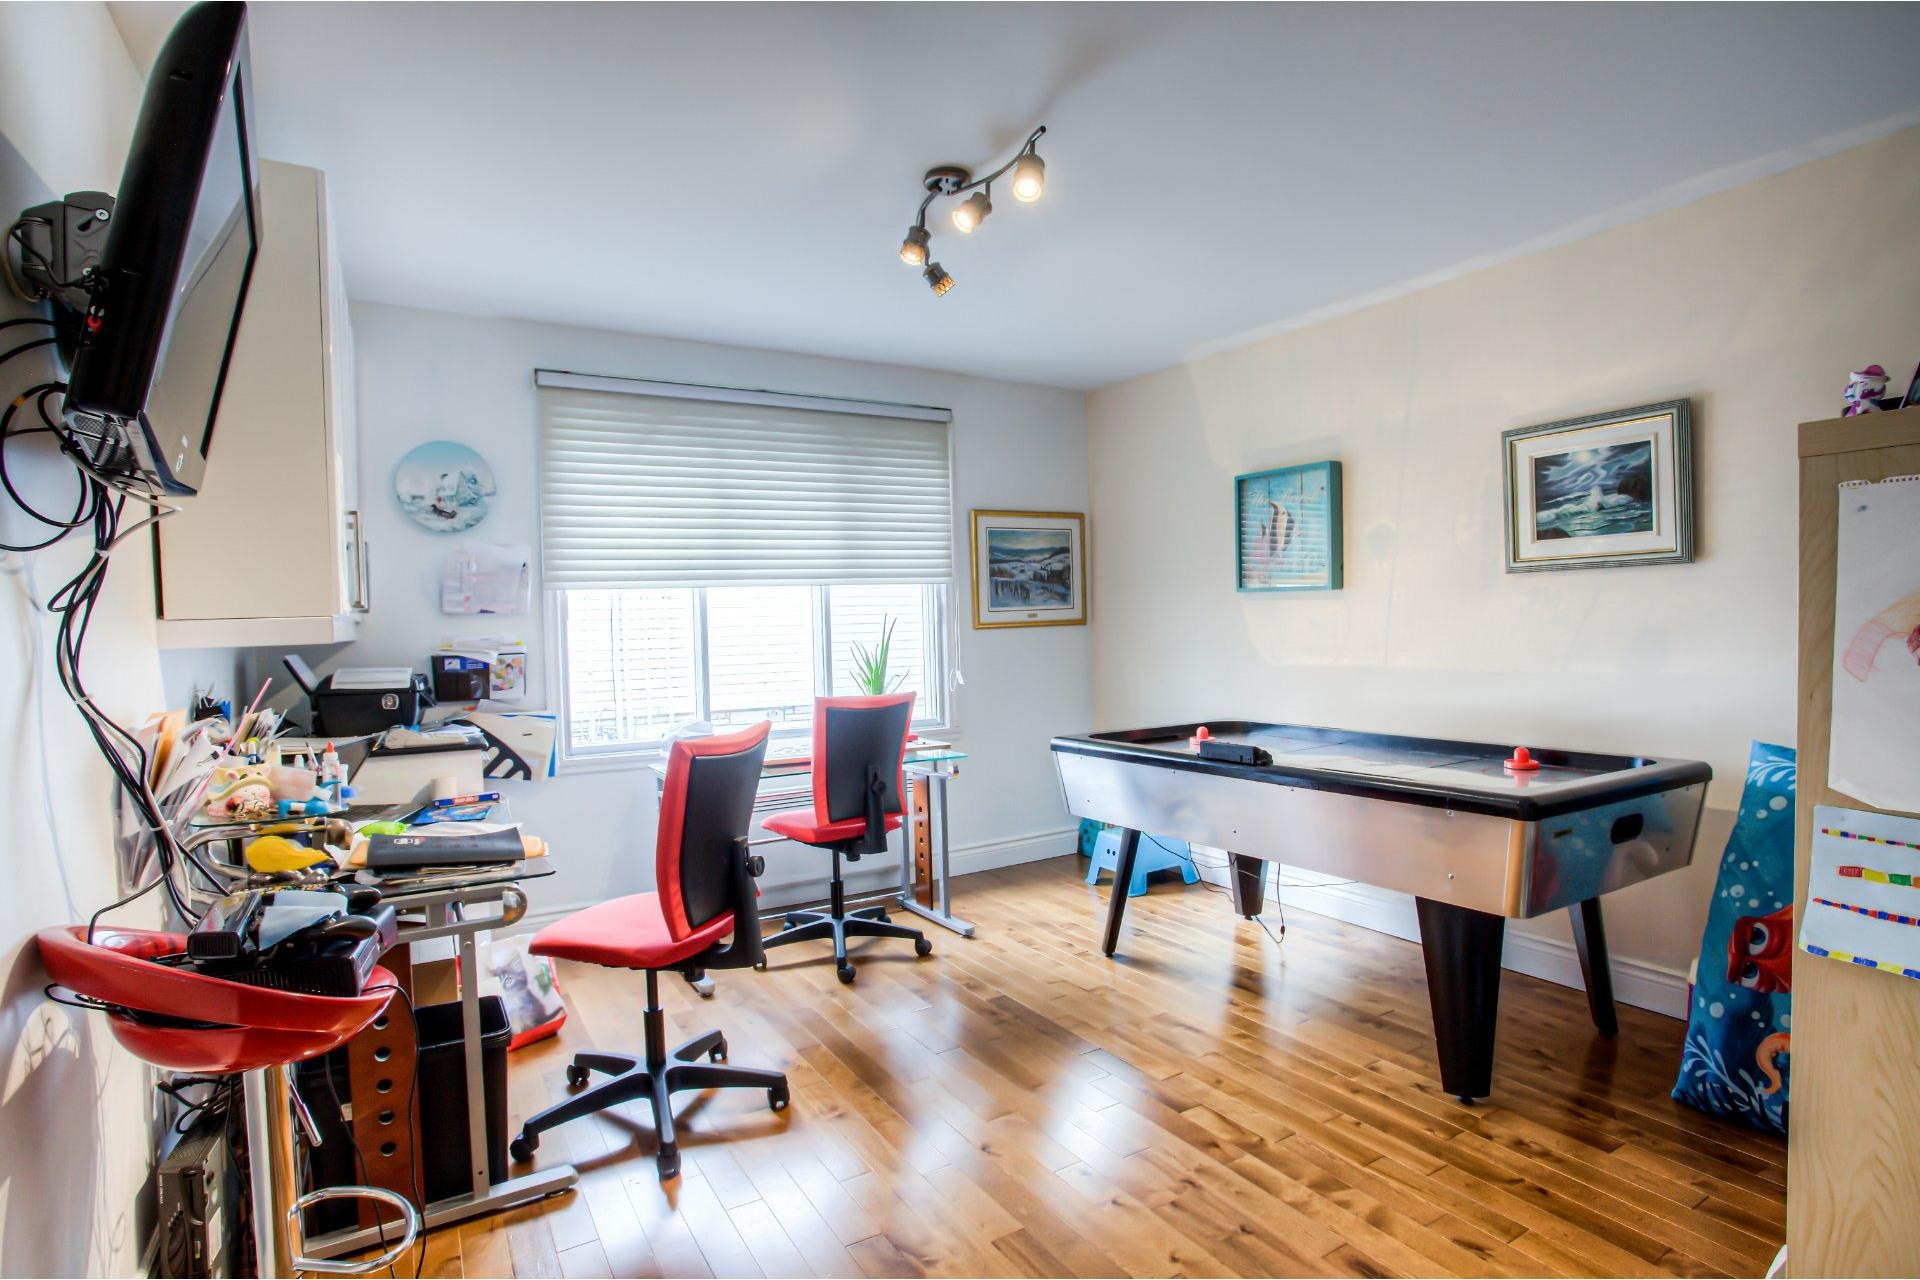 image 8 - Duplex À vendre Lachine Montréal  - 3 pièces